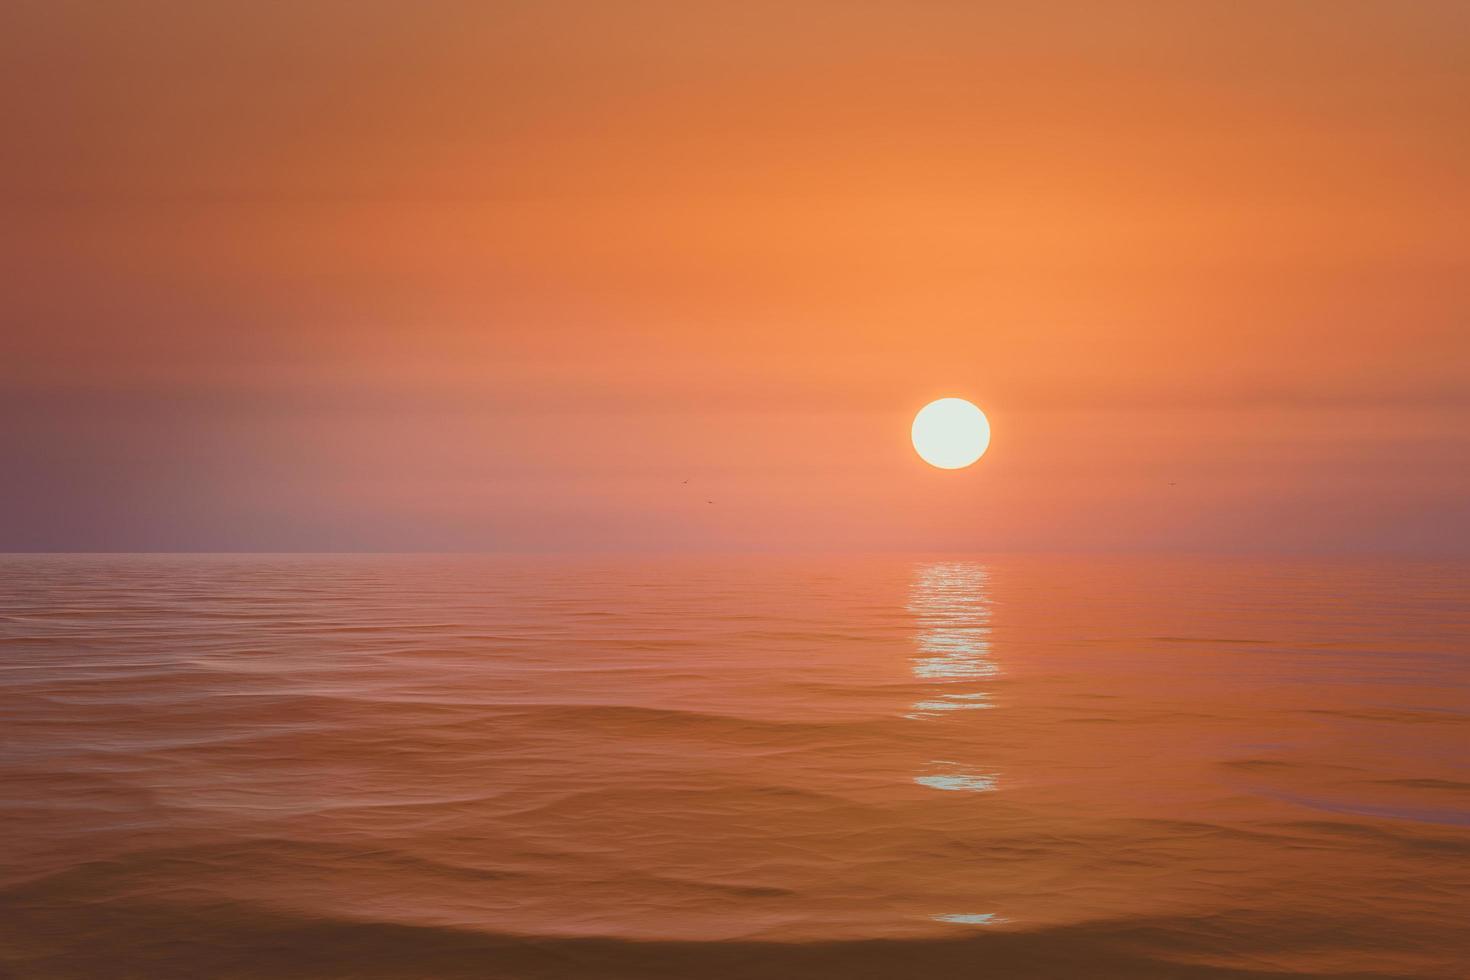 ljus solnedgång på havet bakgrund havet foto